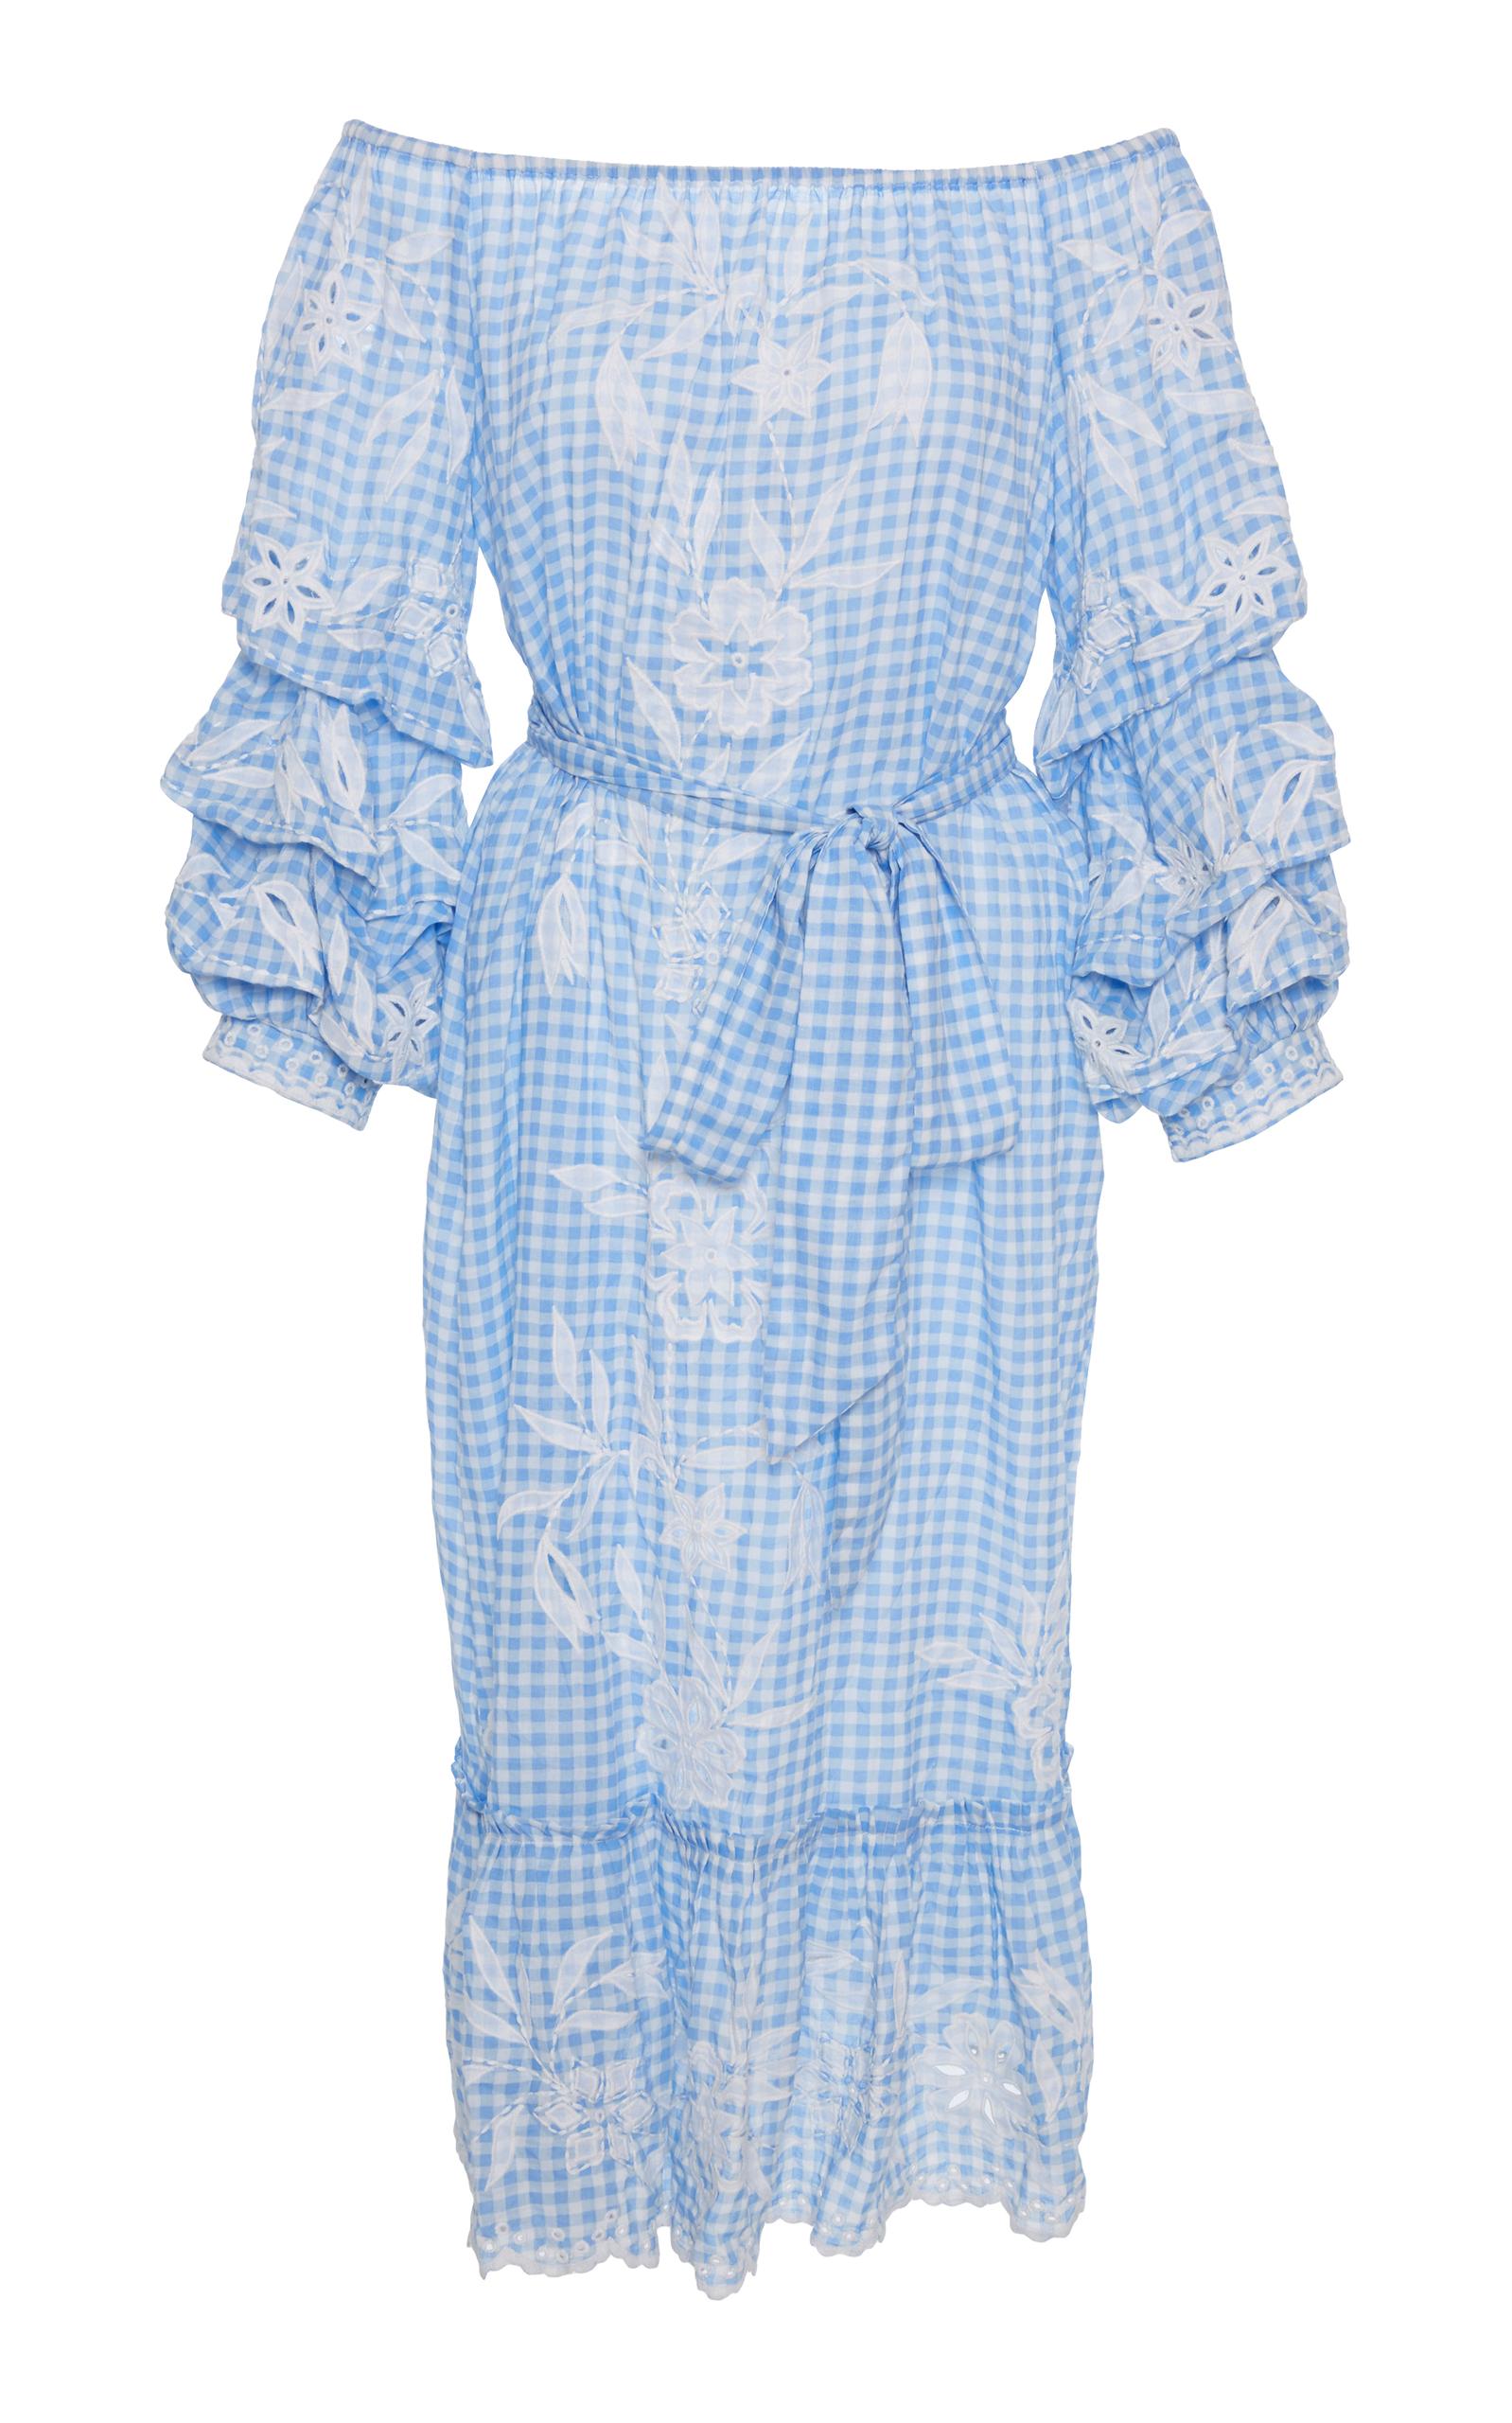 1cb7573a90 Juliet DunnPuff Sleeve Flower Embroidered Dress. CLOSE. Loading. Loading.  Loading. Loading